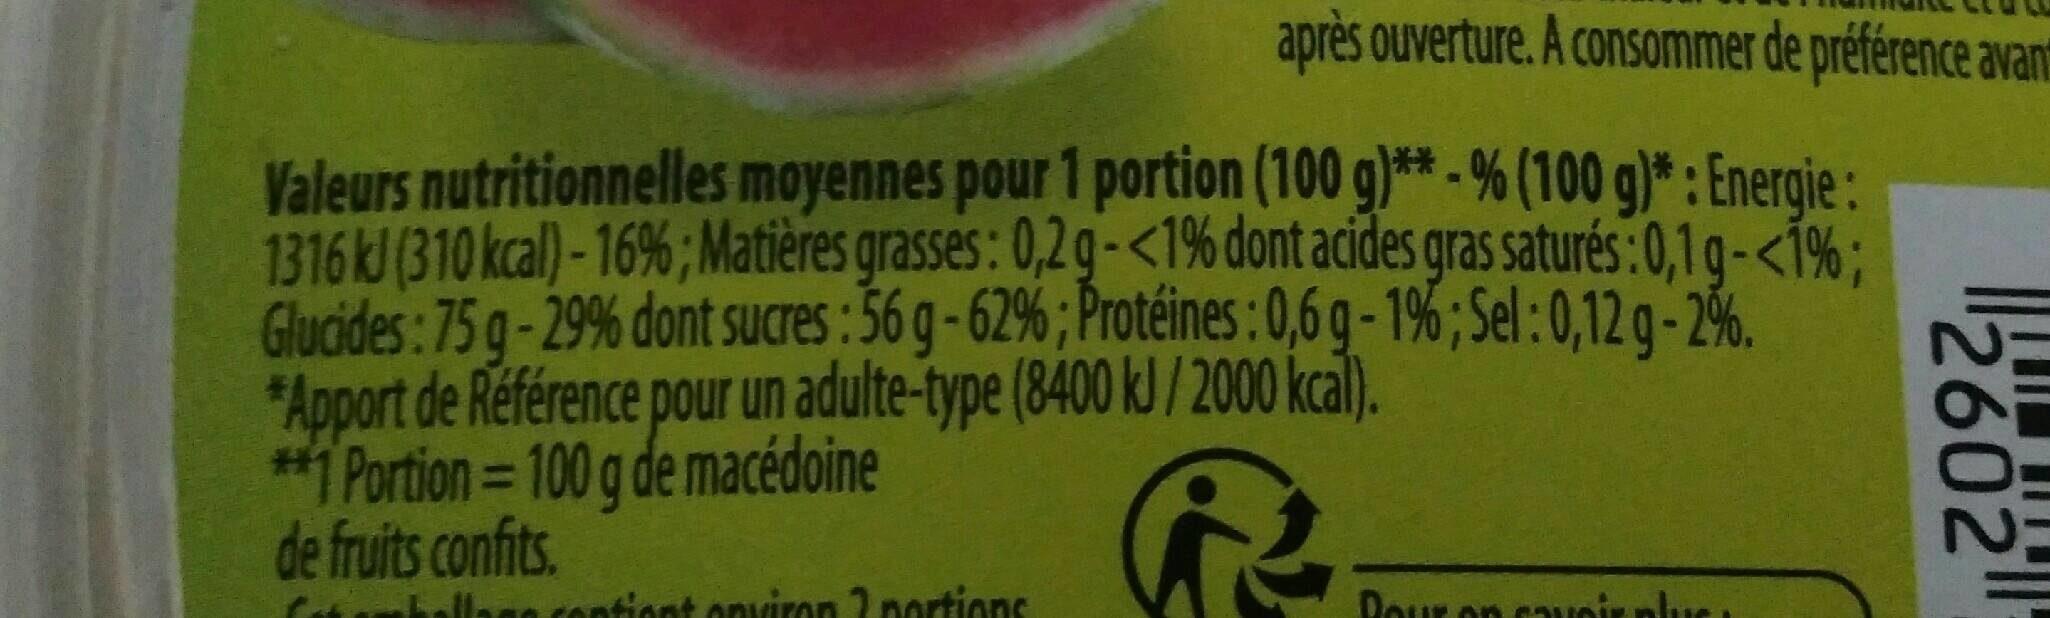 Macédoine de fruits confis - Nutrition facts